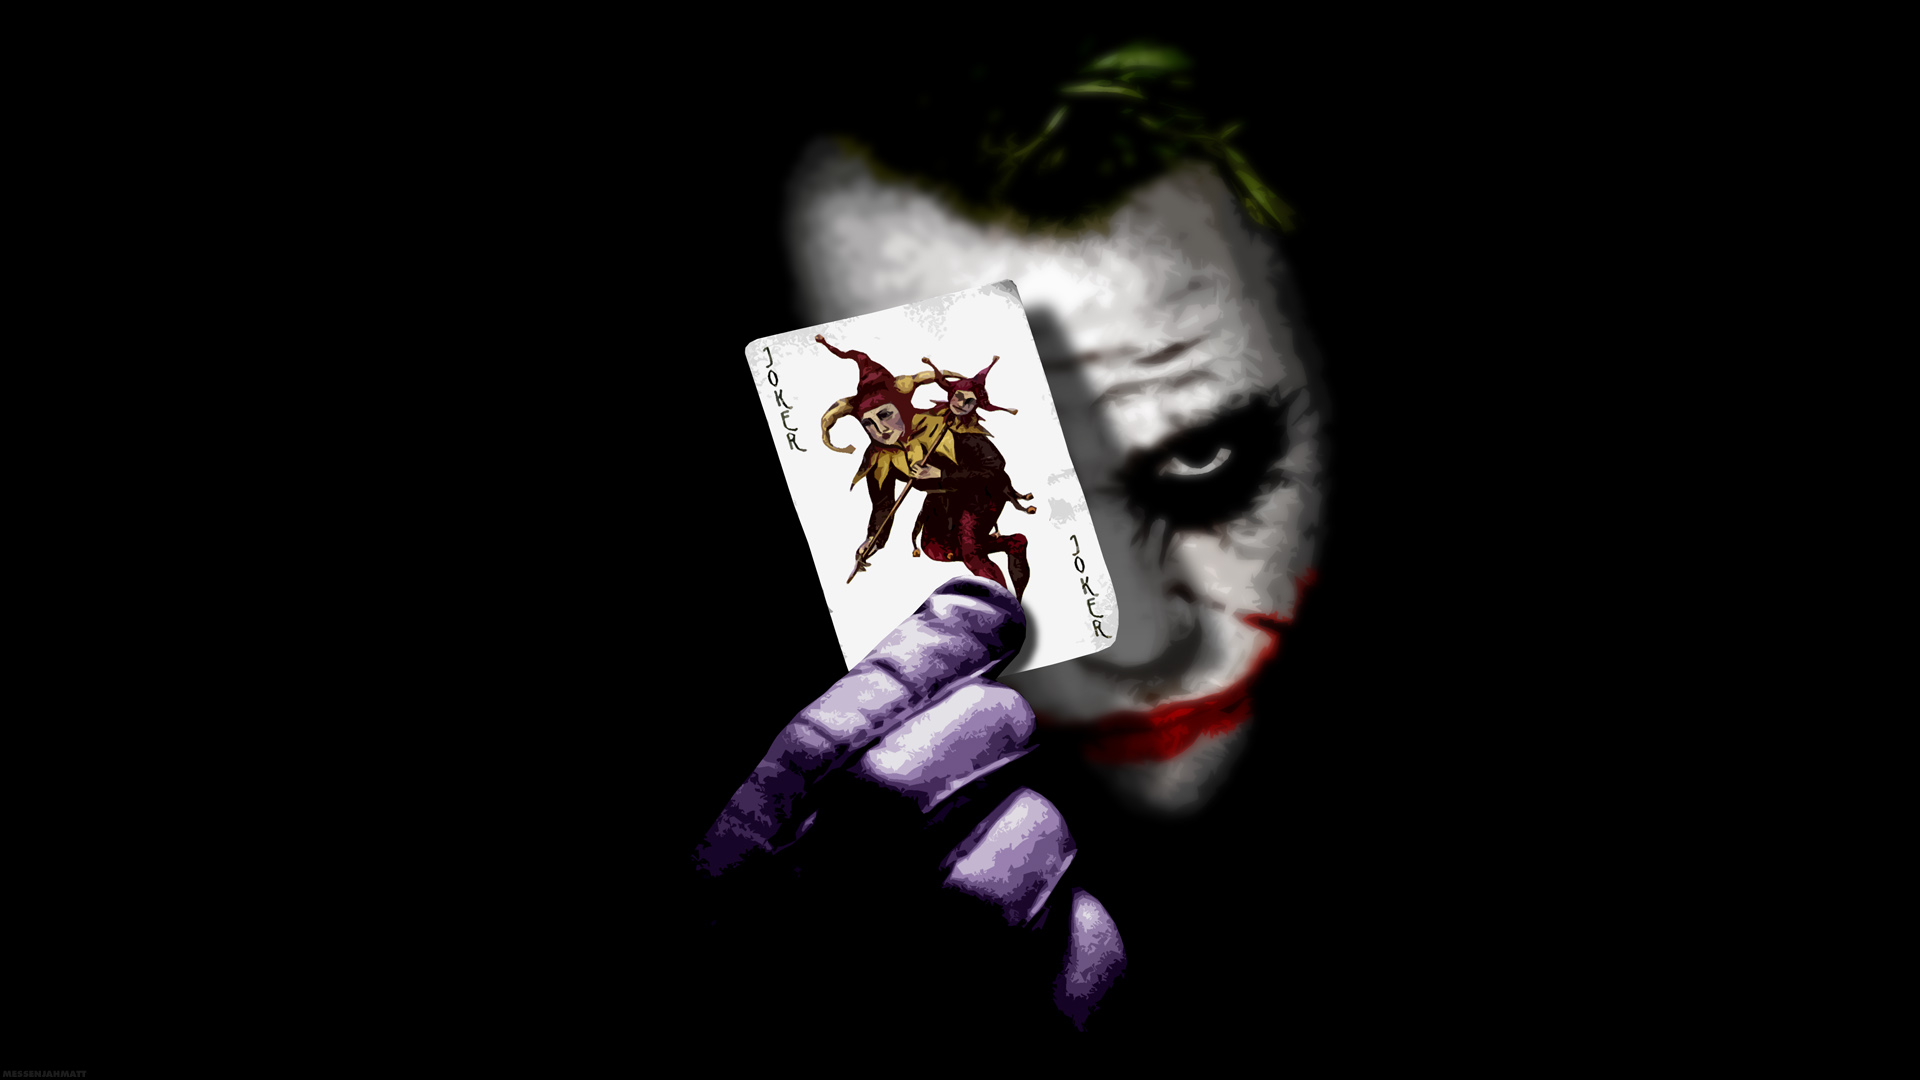 Wallpapers Joker Full Hd The Taringa 1920x1080 172636 joker   ok 1920x1080